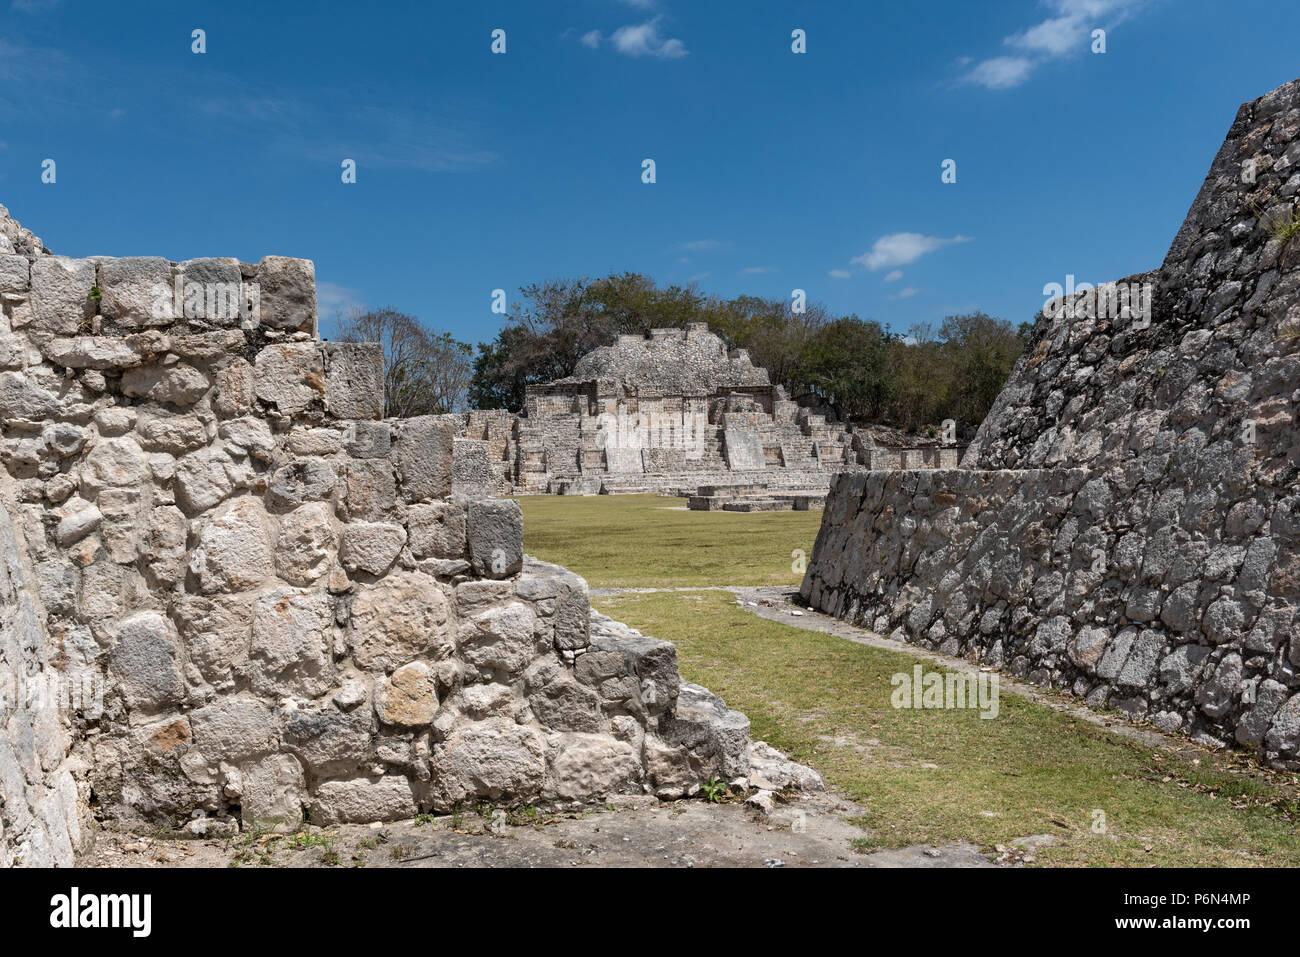 Die Ruinen der antiken Stadt Edzna in der Nähe von Campeche, Mexiko Stockbild